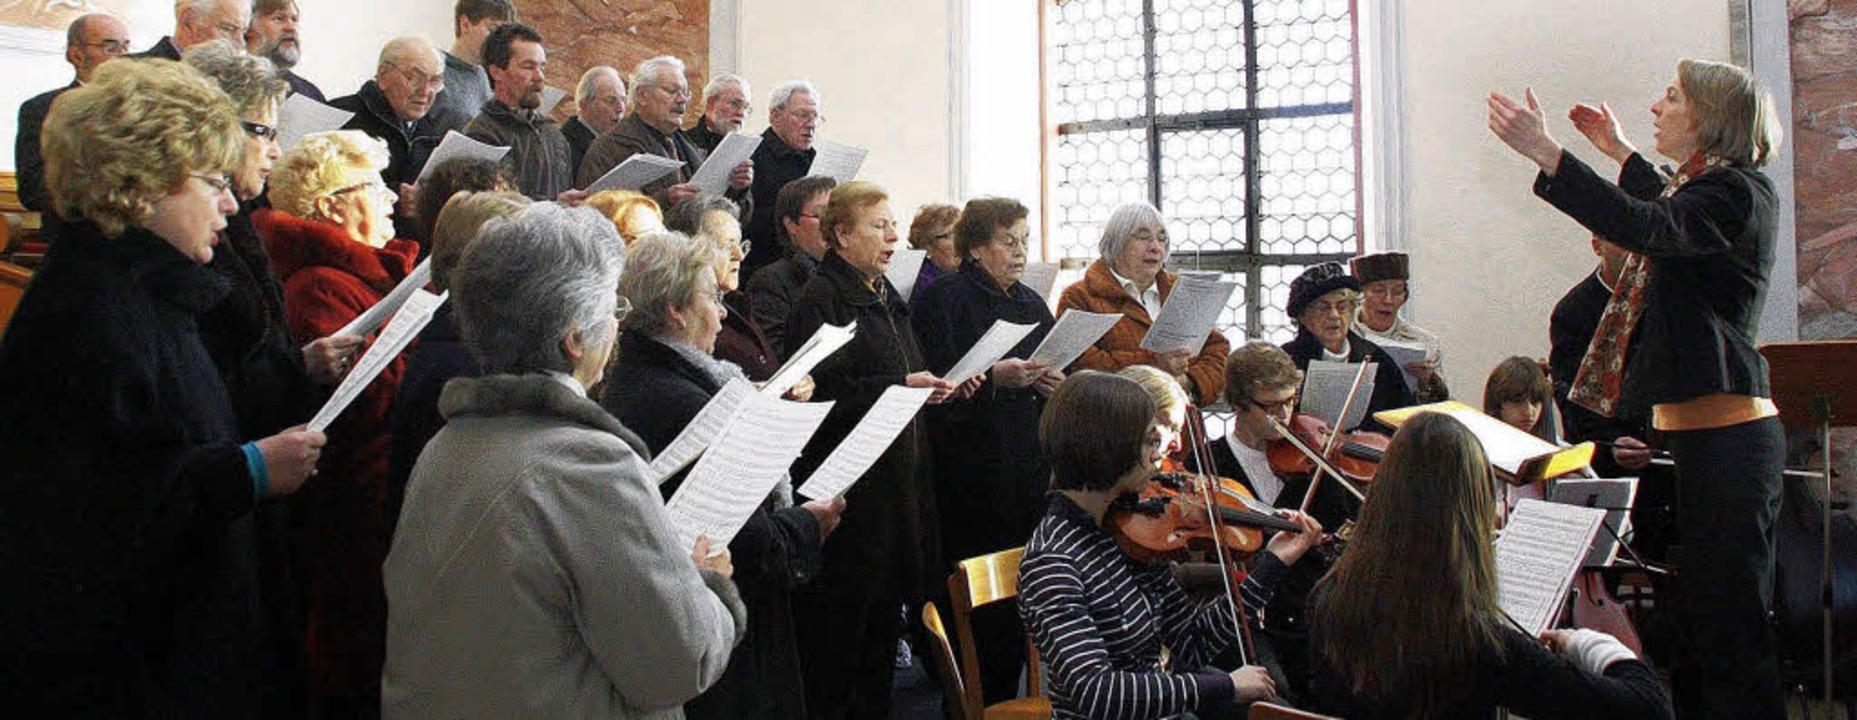 Tradition: Die Missa Brevis von Mozart dirigiert von Hilke Polley (rechts).   | Foto: ARCHIVFOTO: HILLER